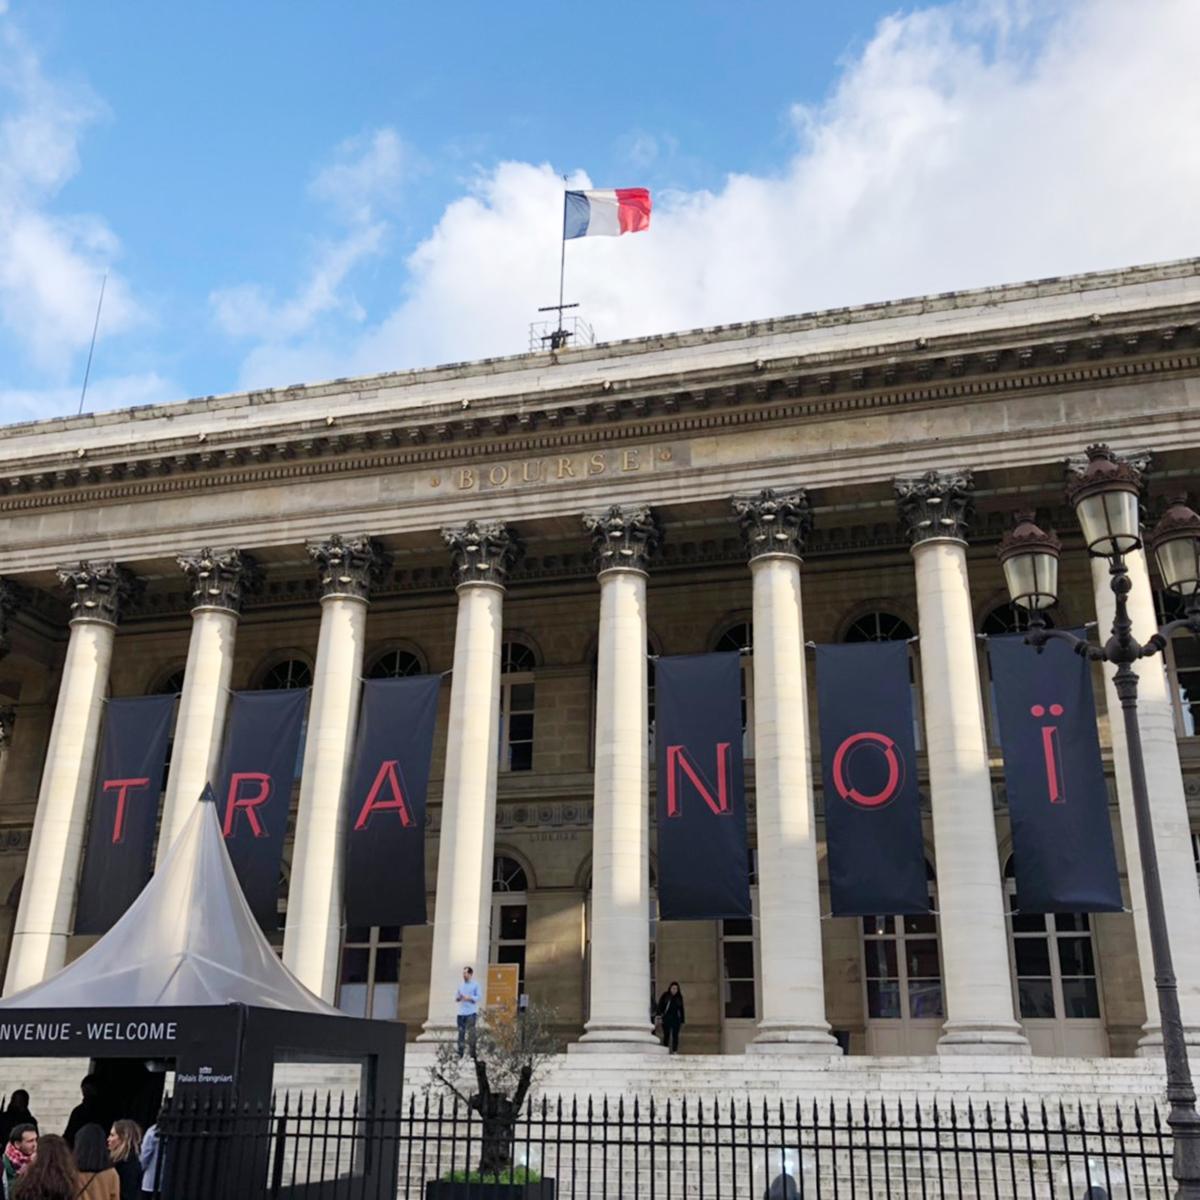 [PRODUCT] 世界パリへ進出!<br>2020.2.28~3.2<br>@TRANOI PARIS